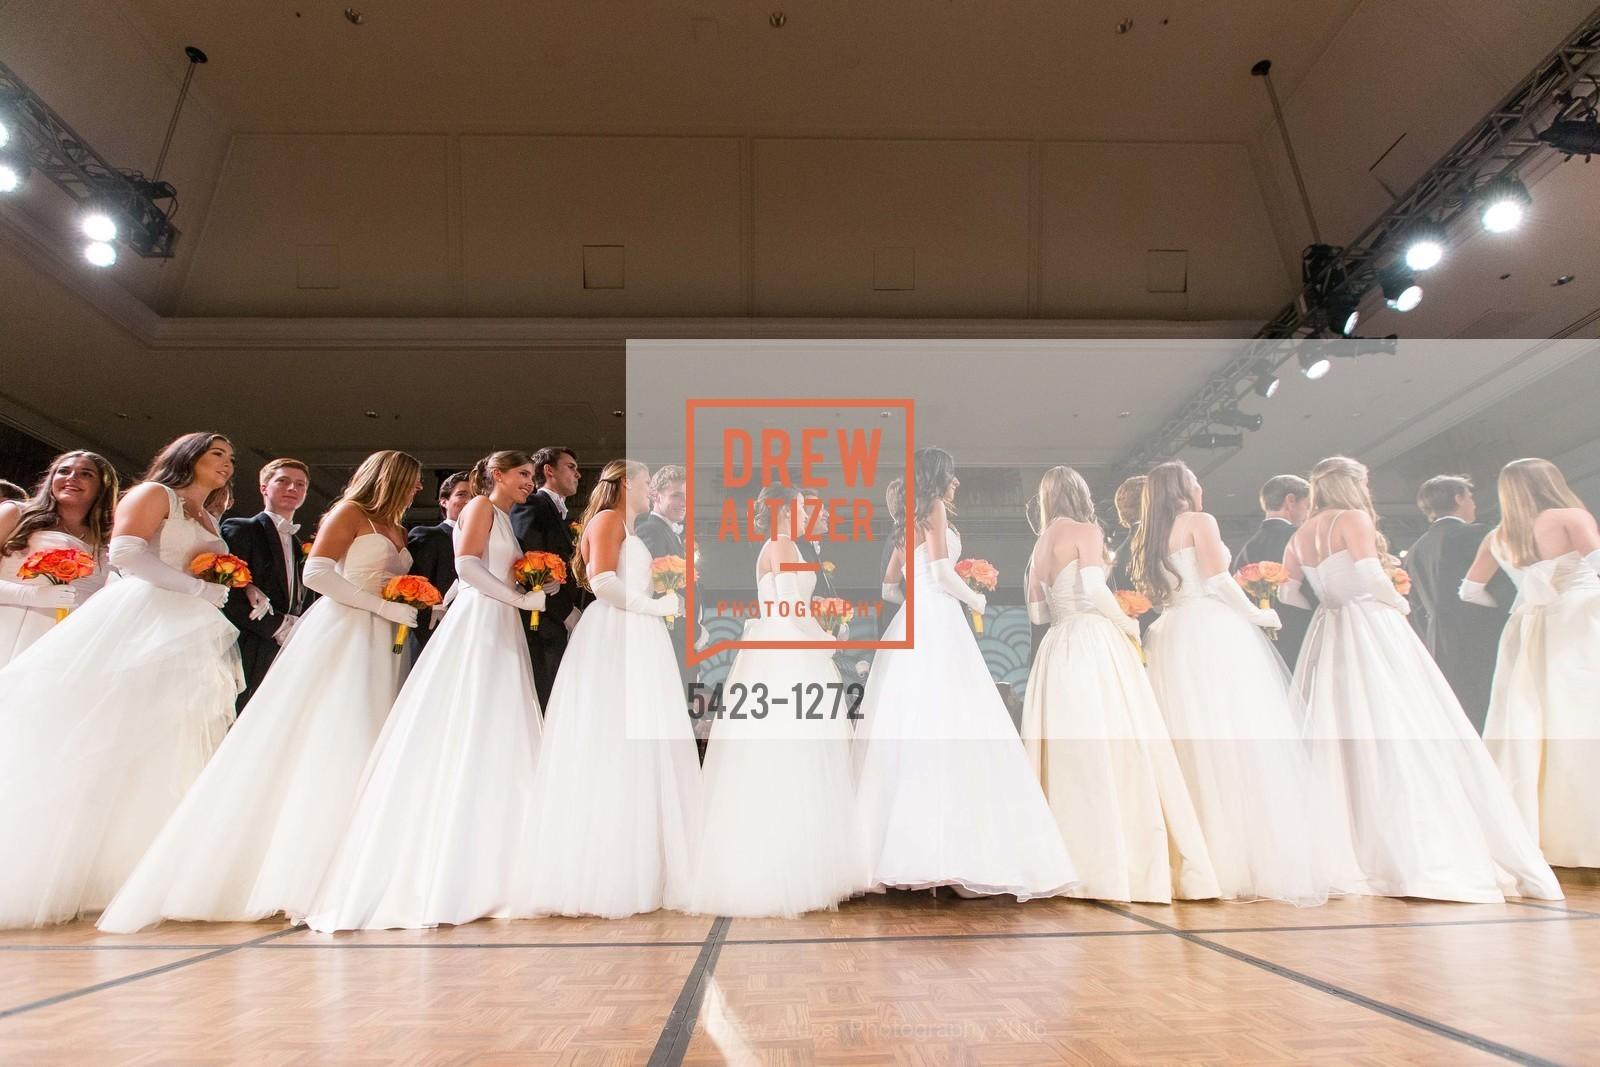 Debutantes, Photo #5423-1272